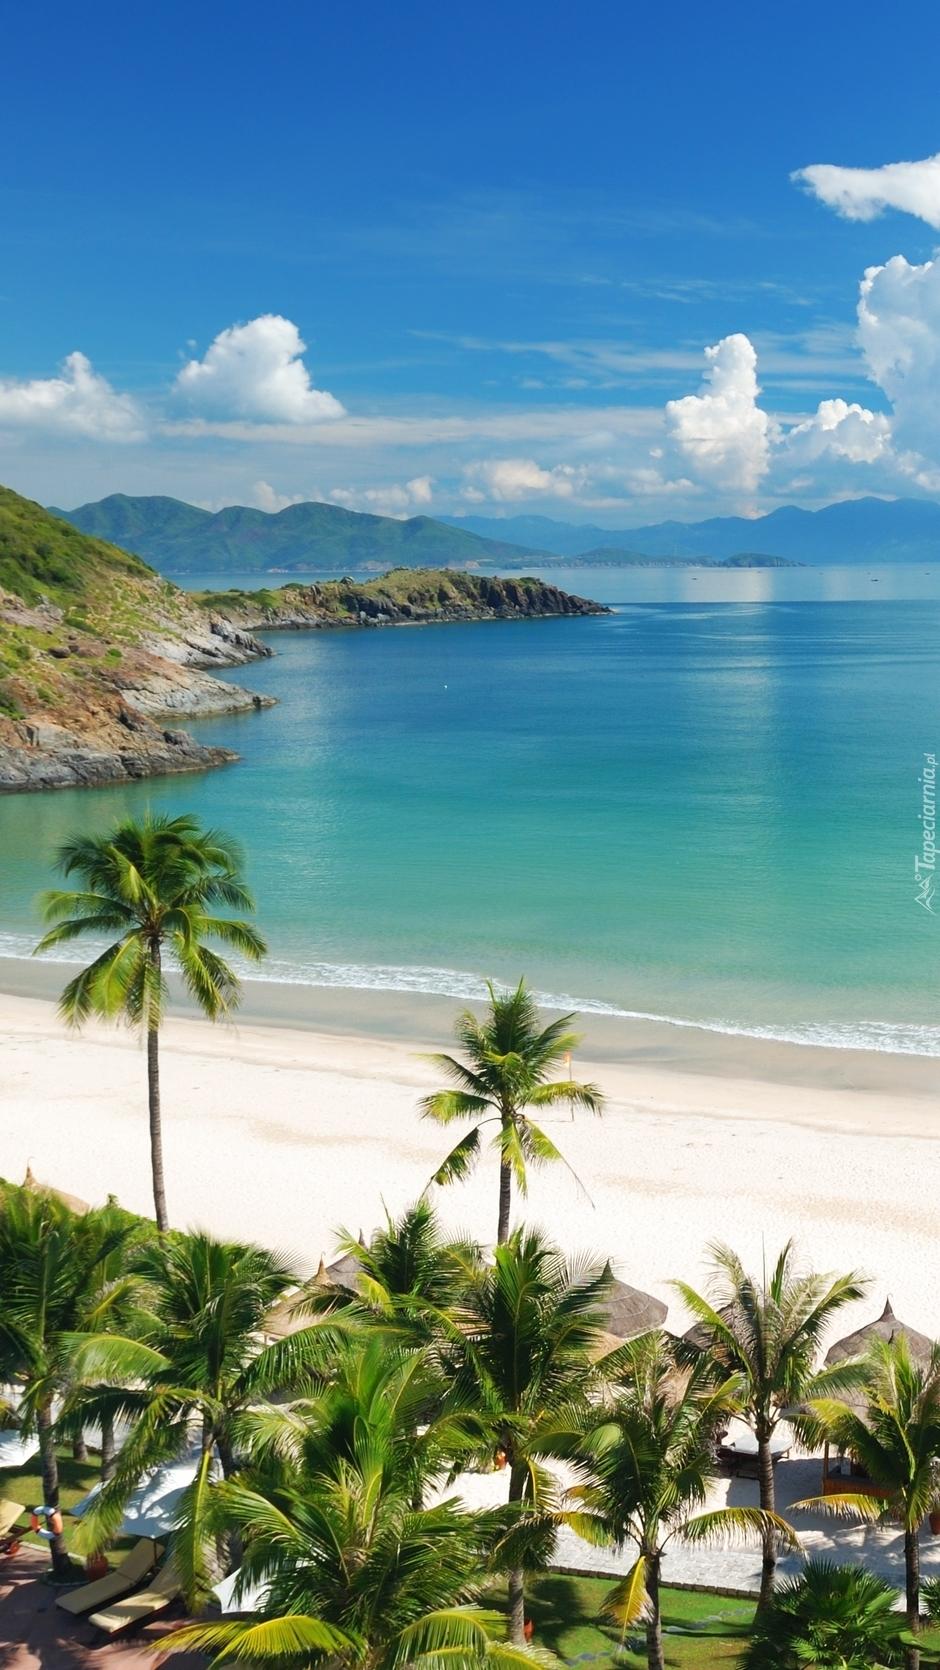 Plaża An Bang Beach